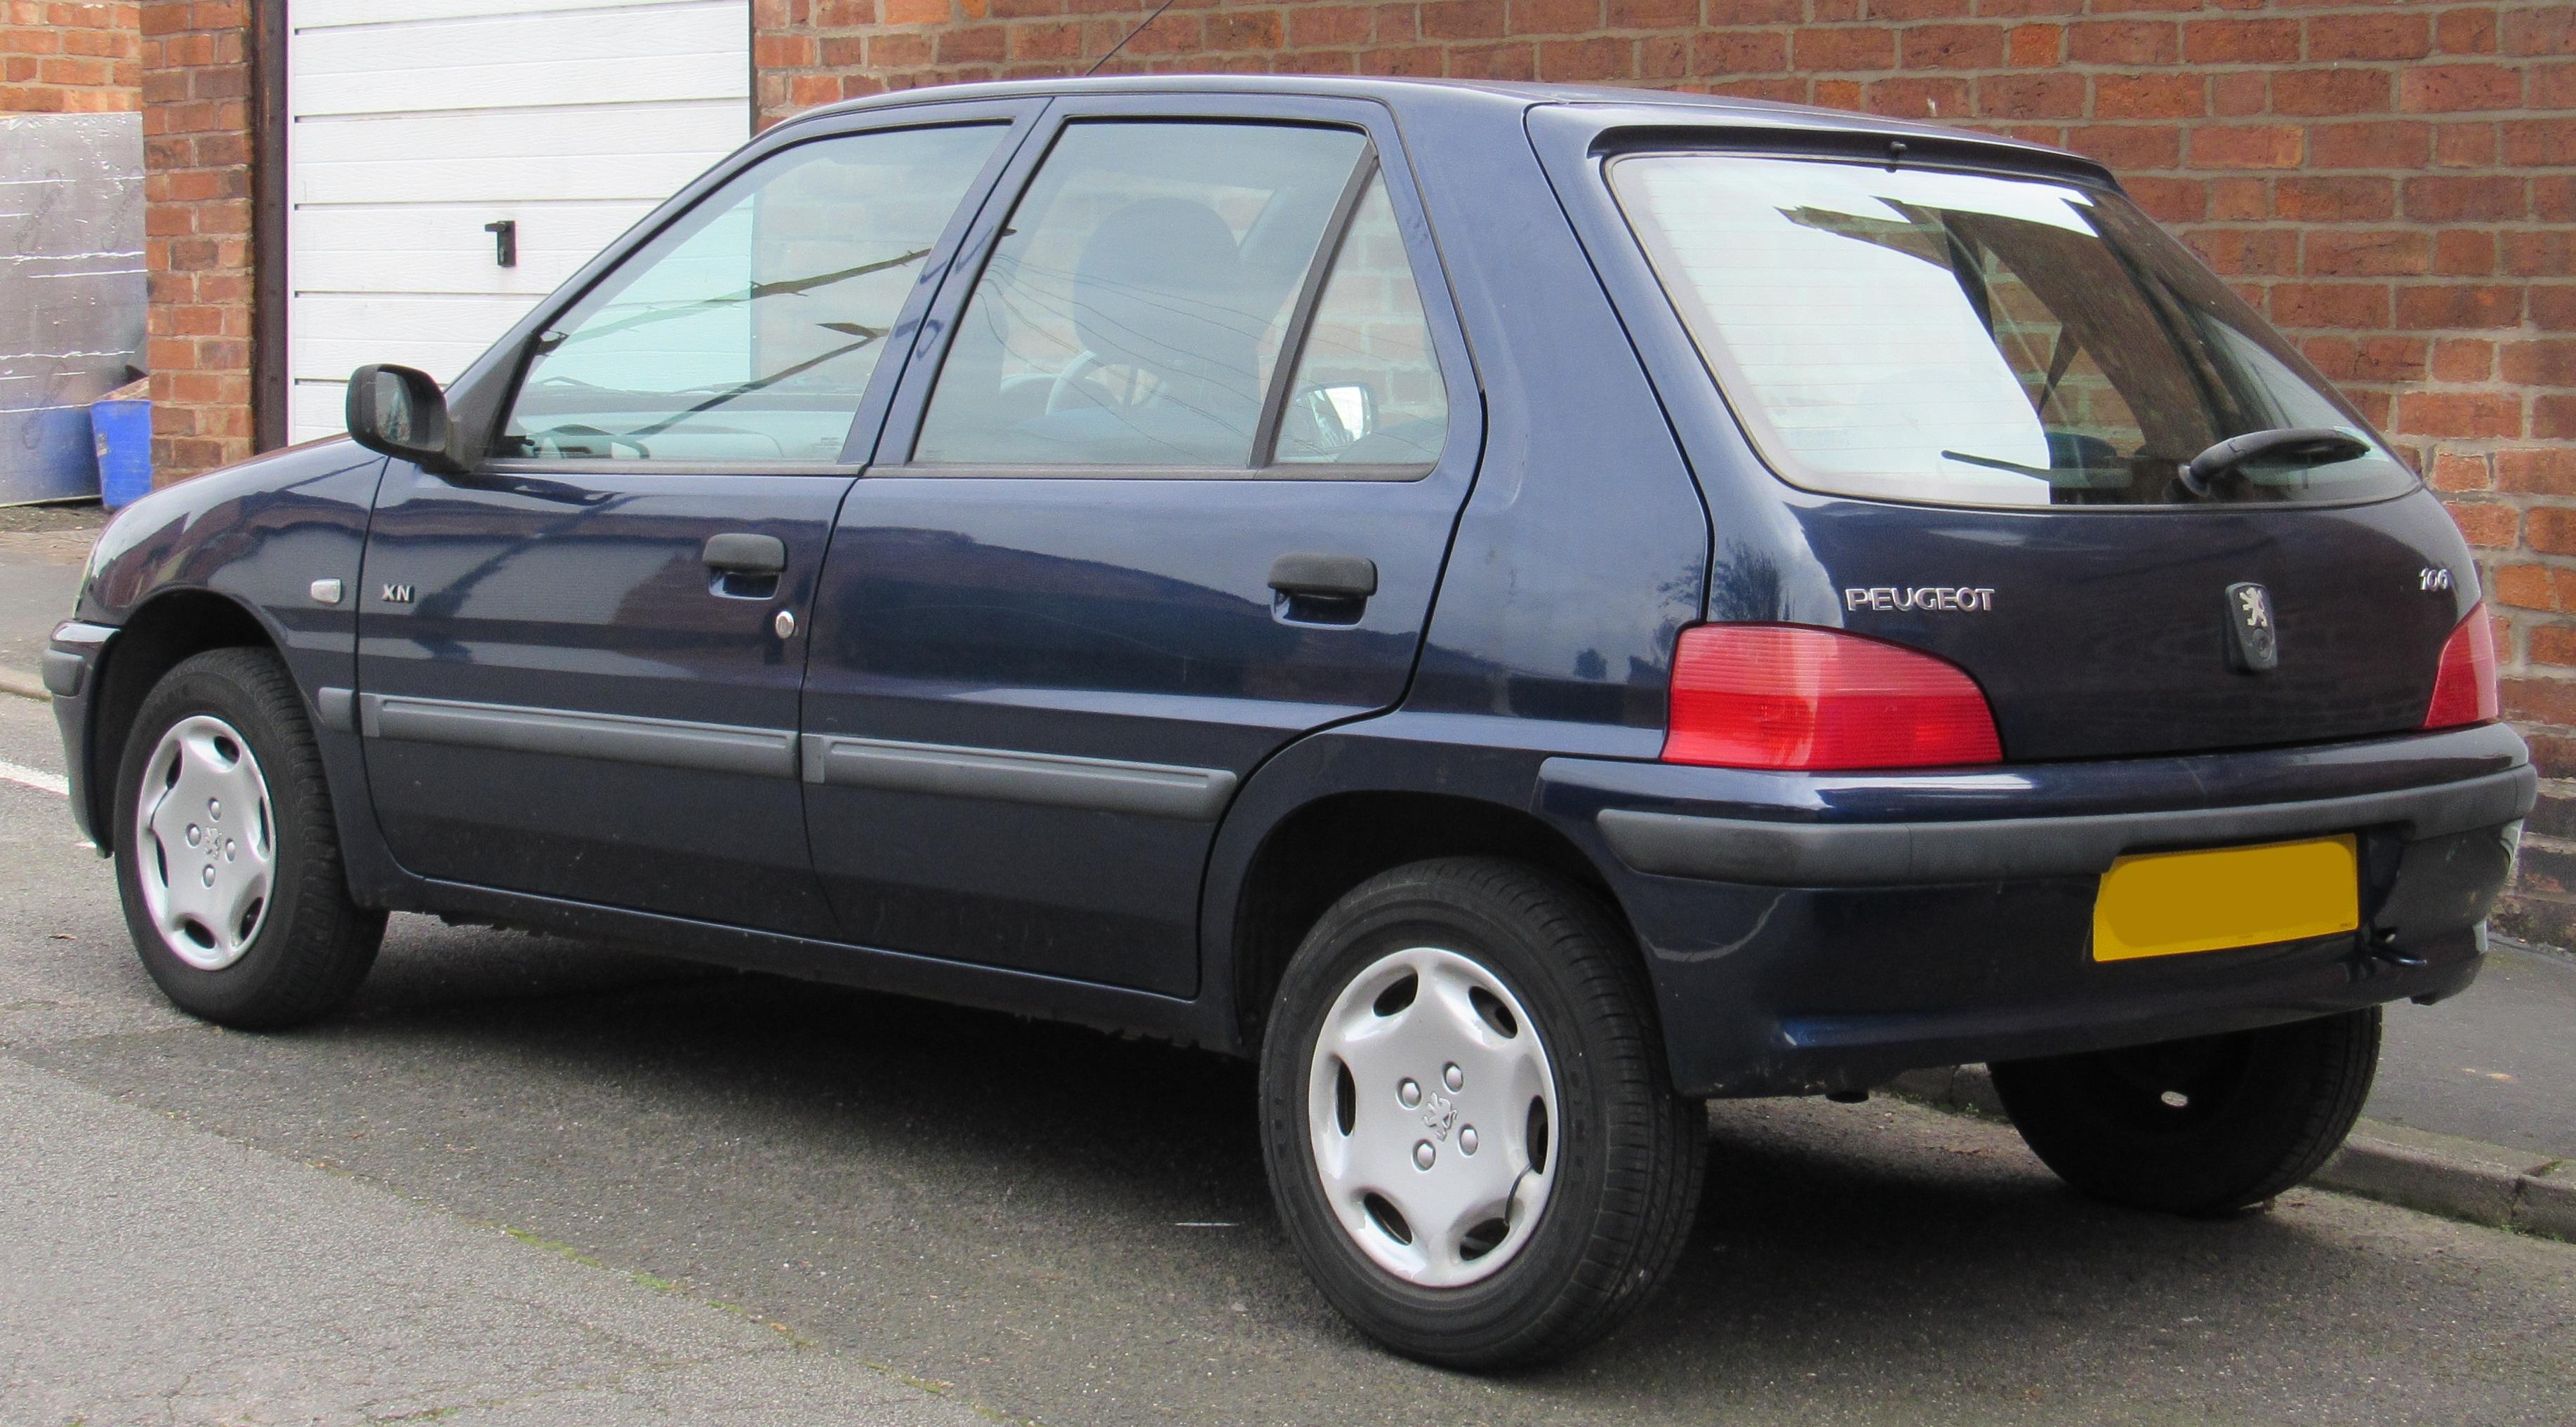 File:2001 Peugeot 106 XN Zest 2 1.1 Rear.jpg